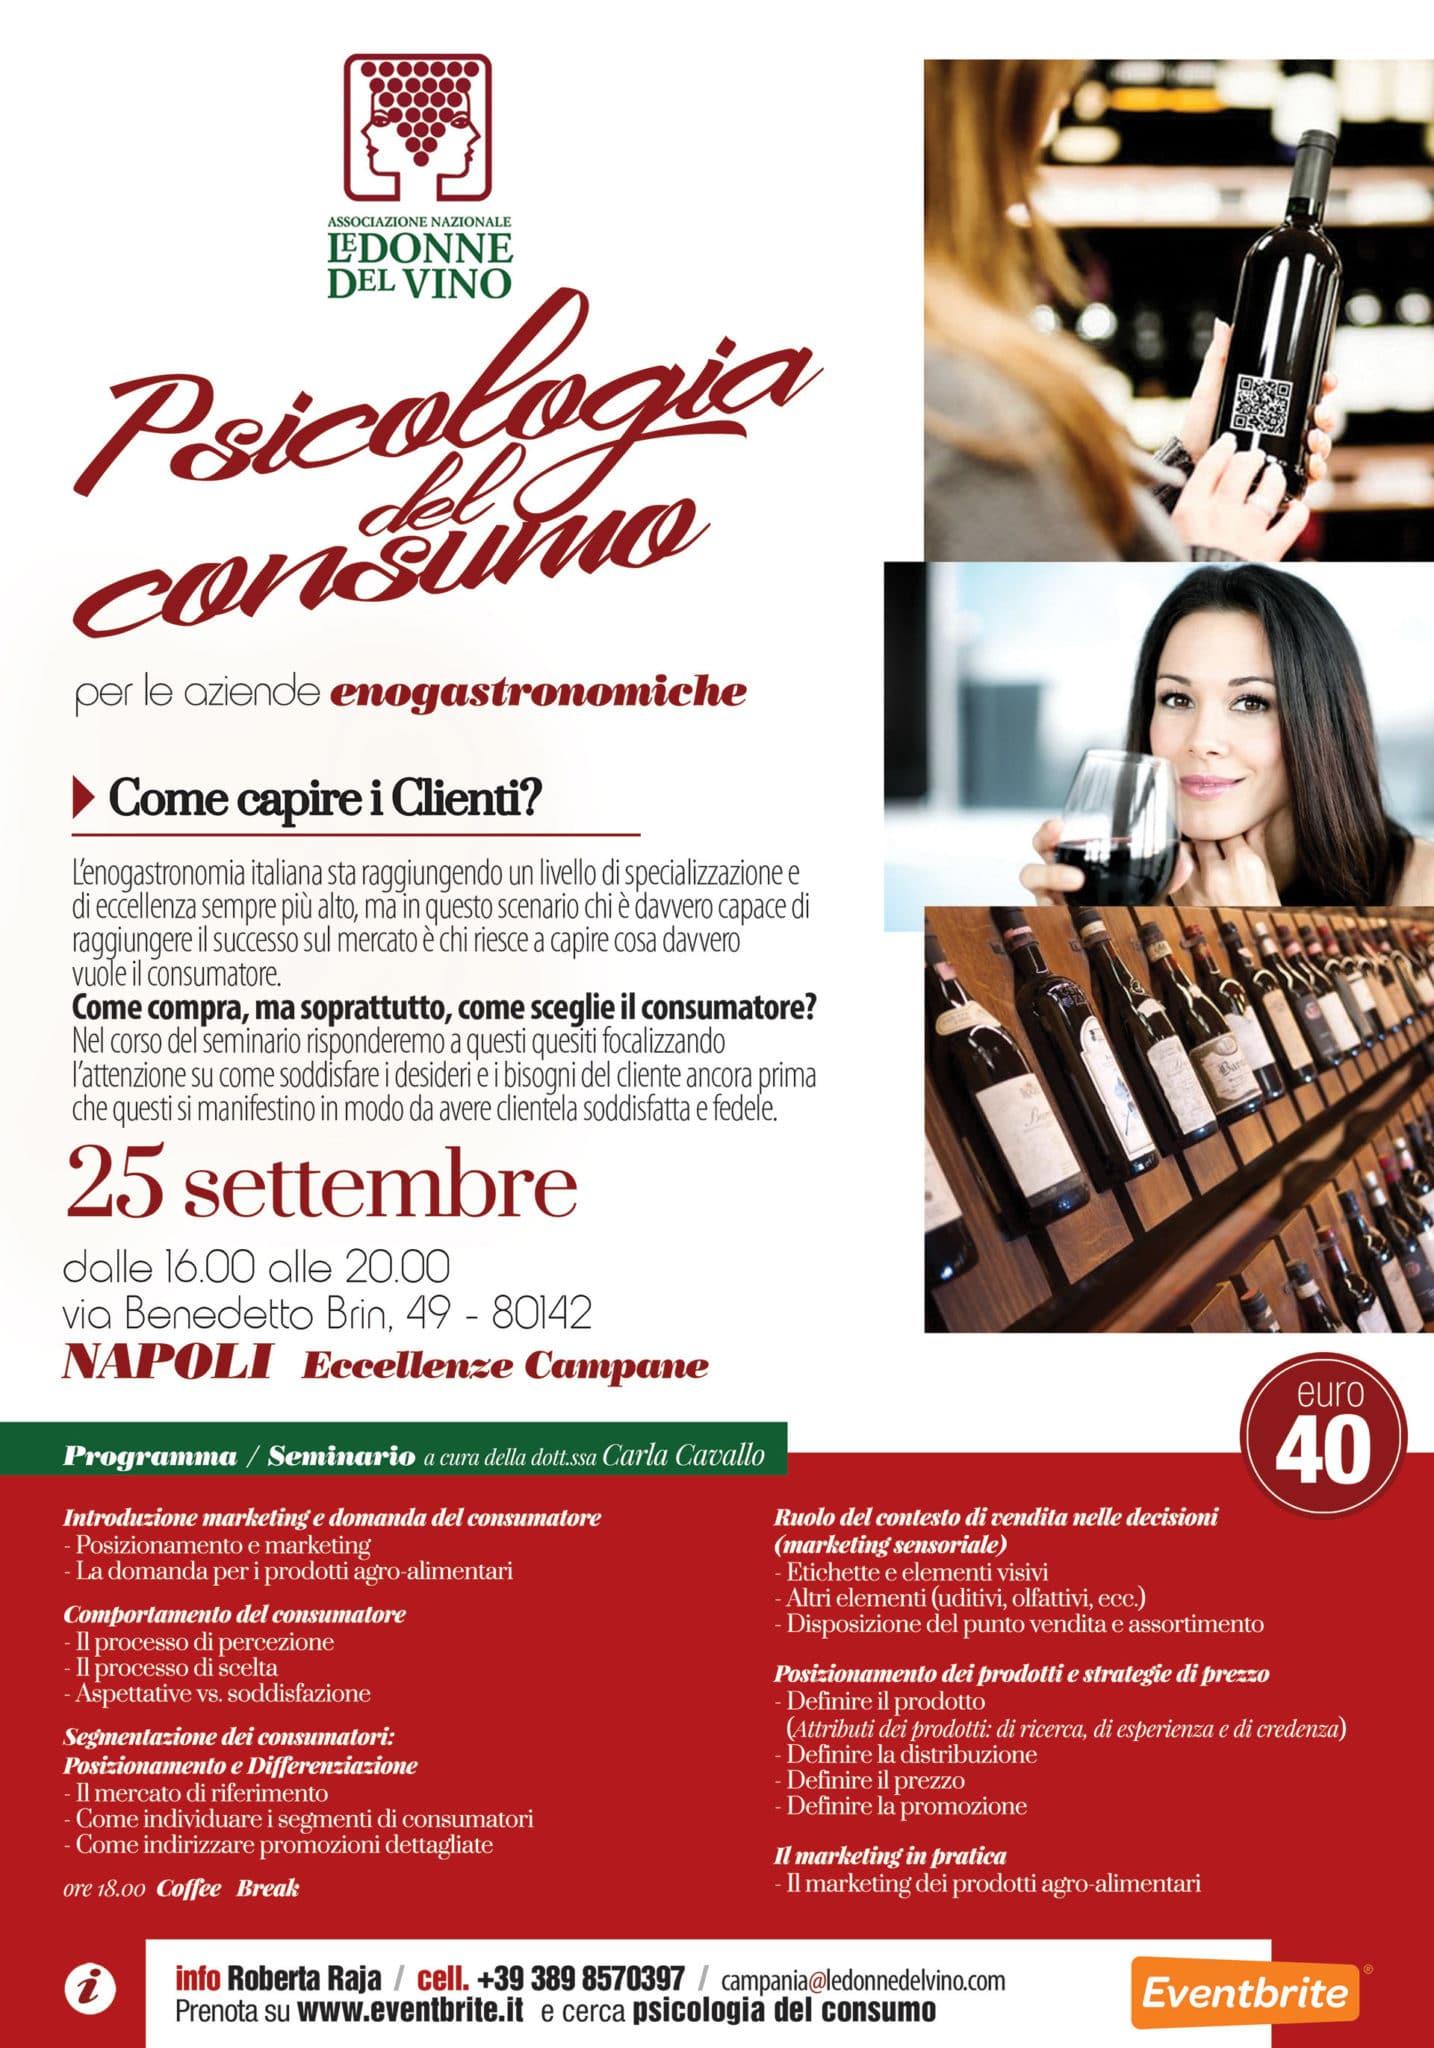 Psicologia del consumo, un workshop a Napoli